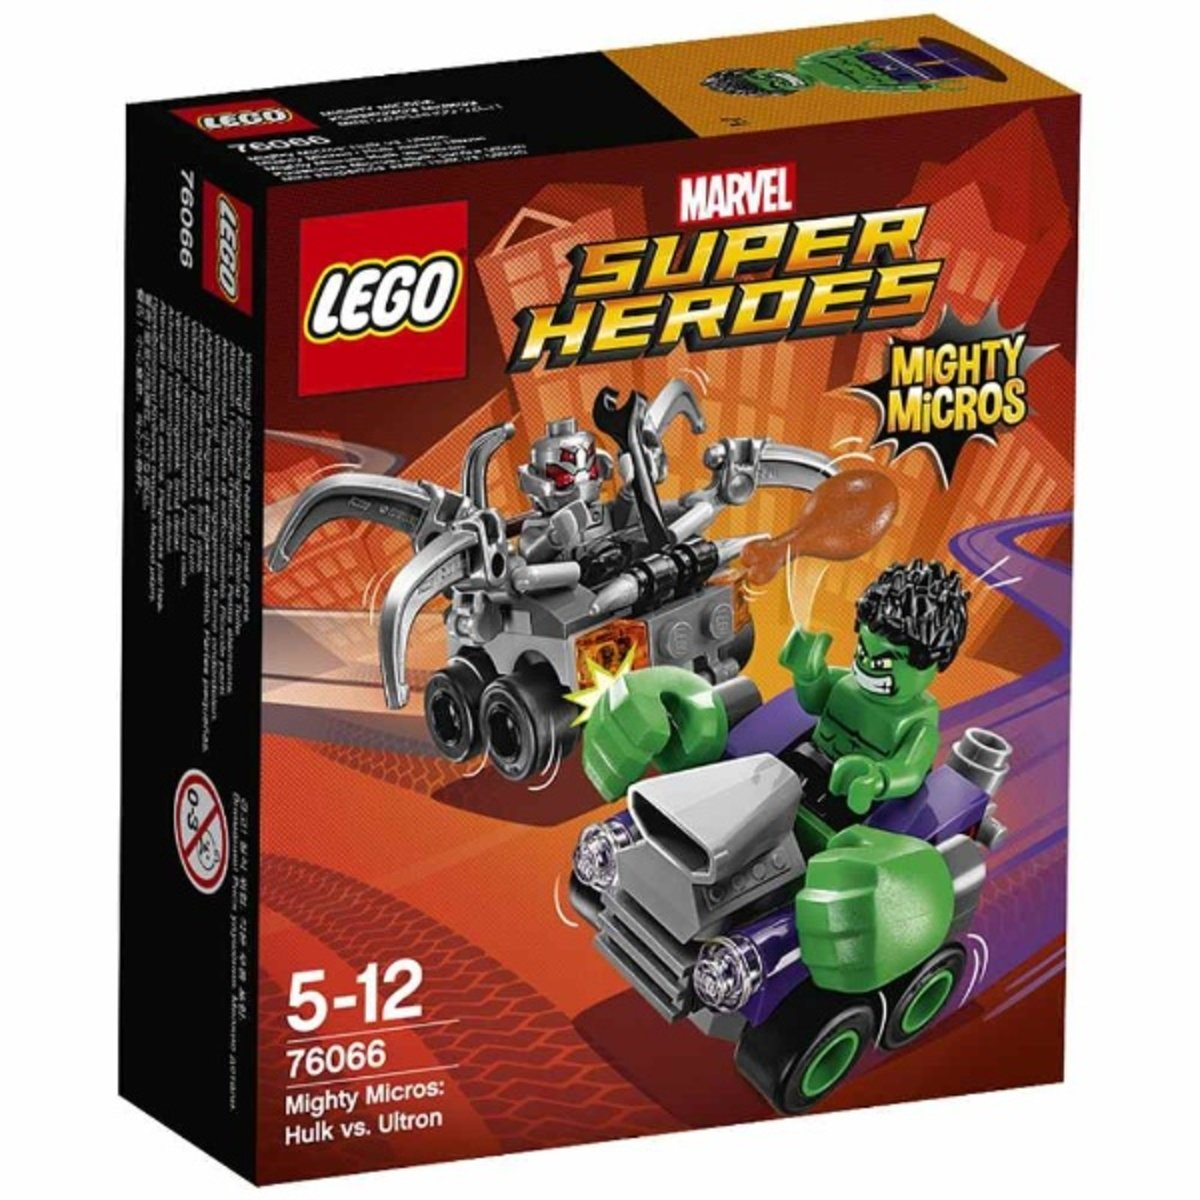 76066 威力車戰:綠巨人對戰奧創 5702015597791